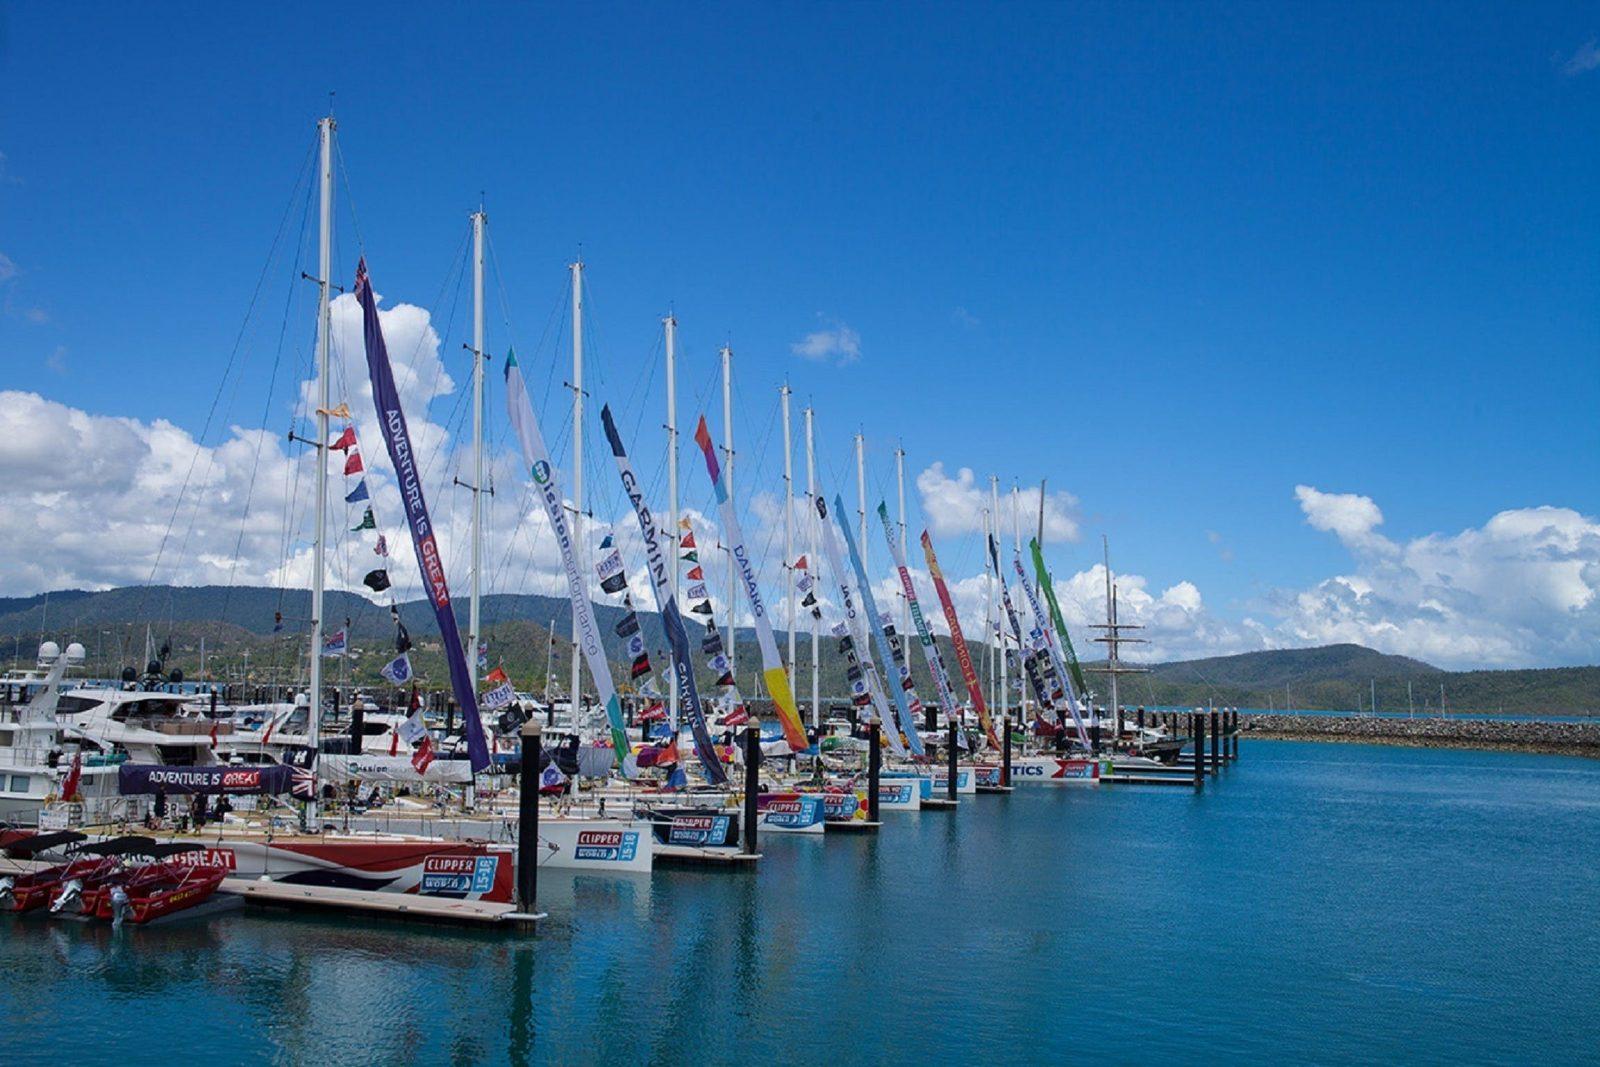 Whitsundays Clipper Race Carnival - Clipper Yachts Open Days